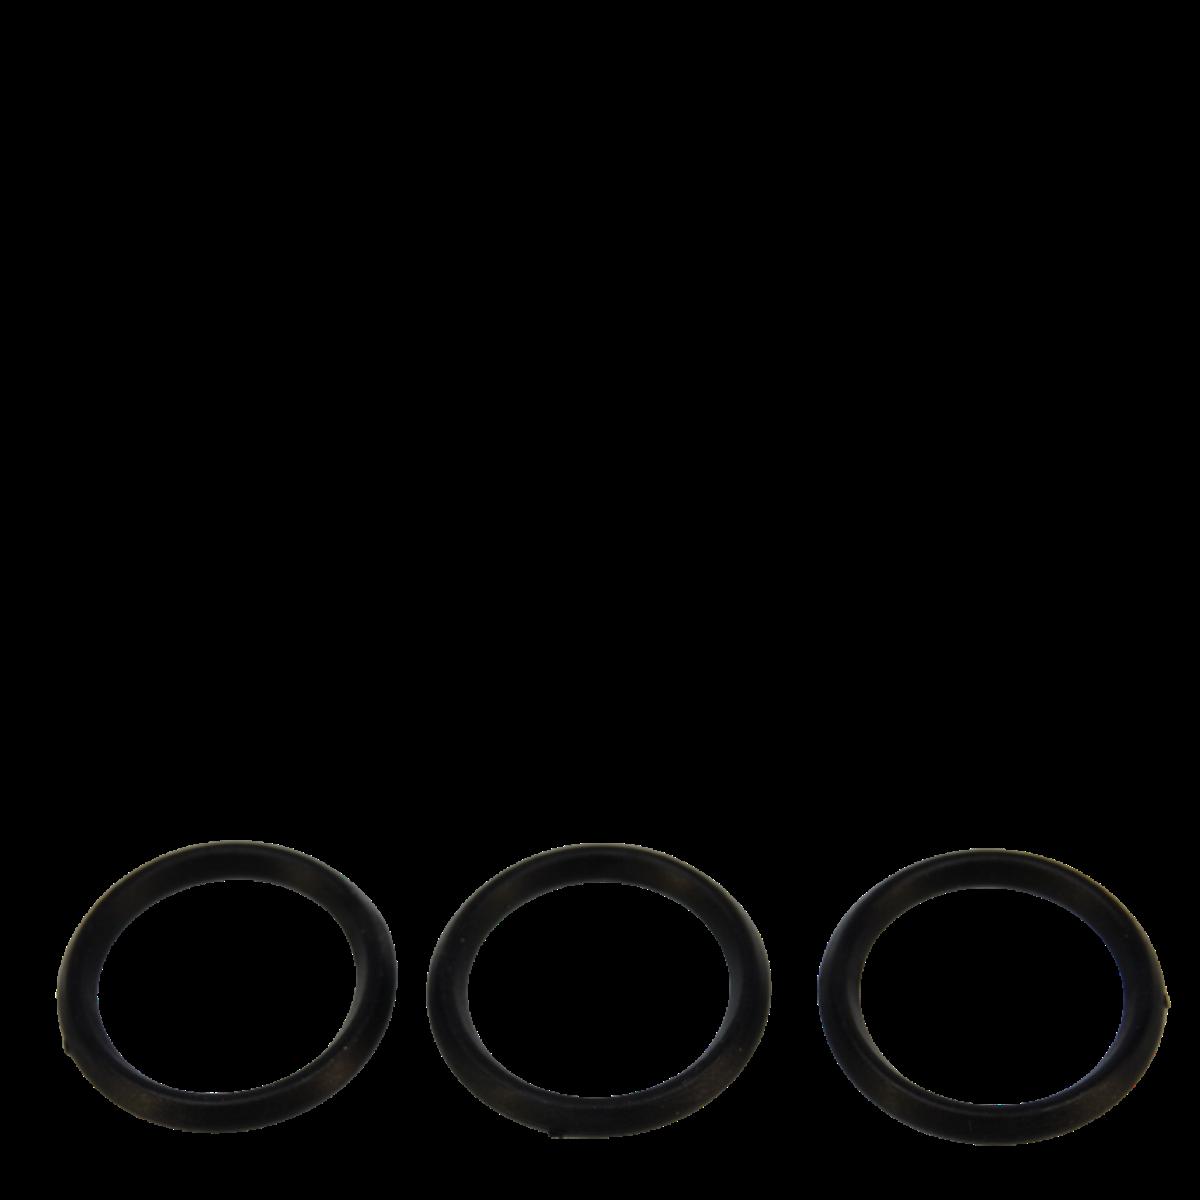 KTRI40095 - Repair Kit Seals